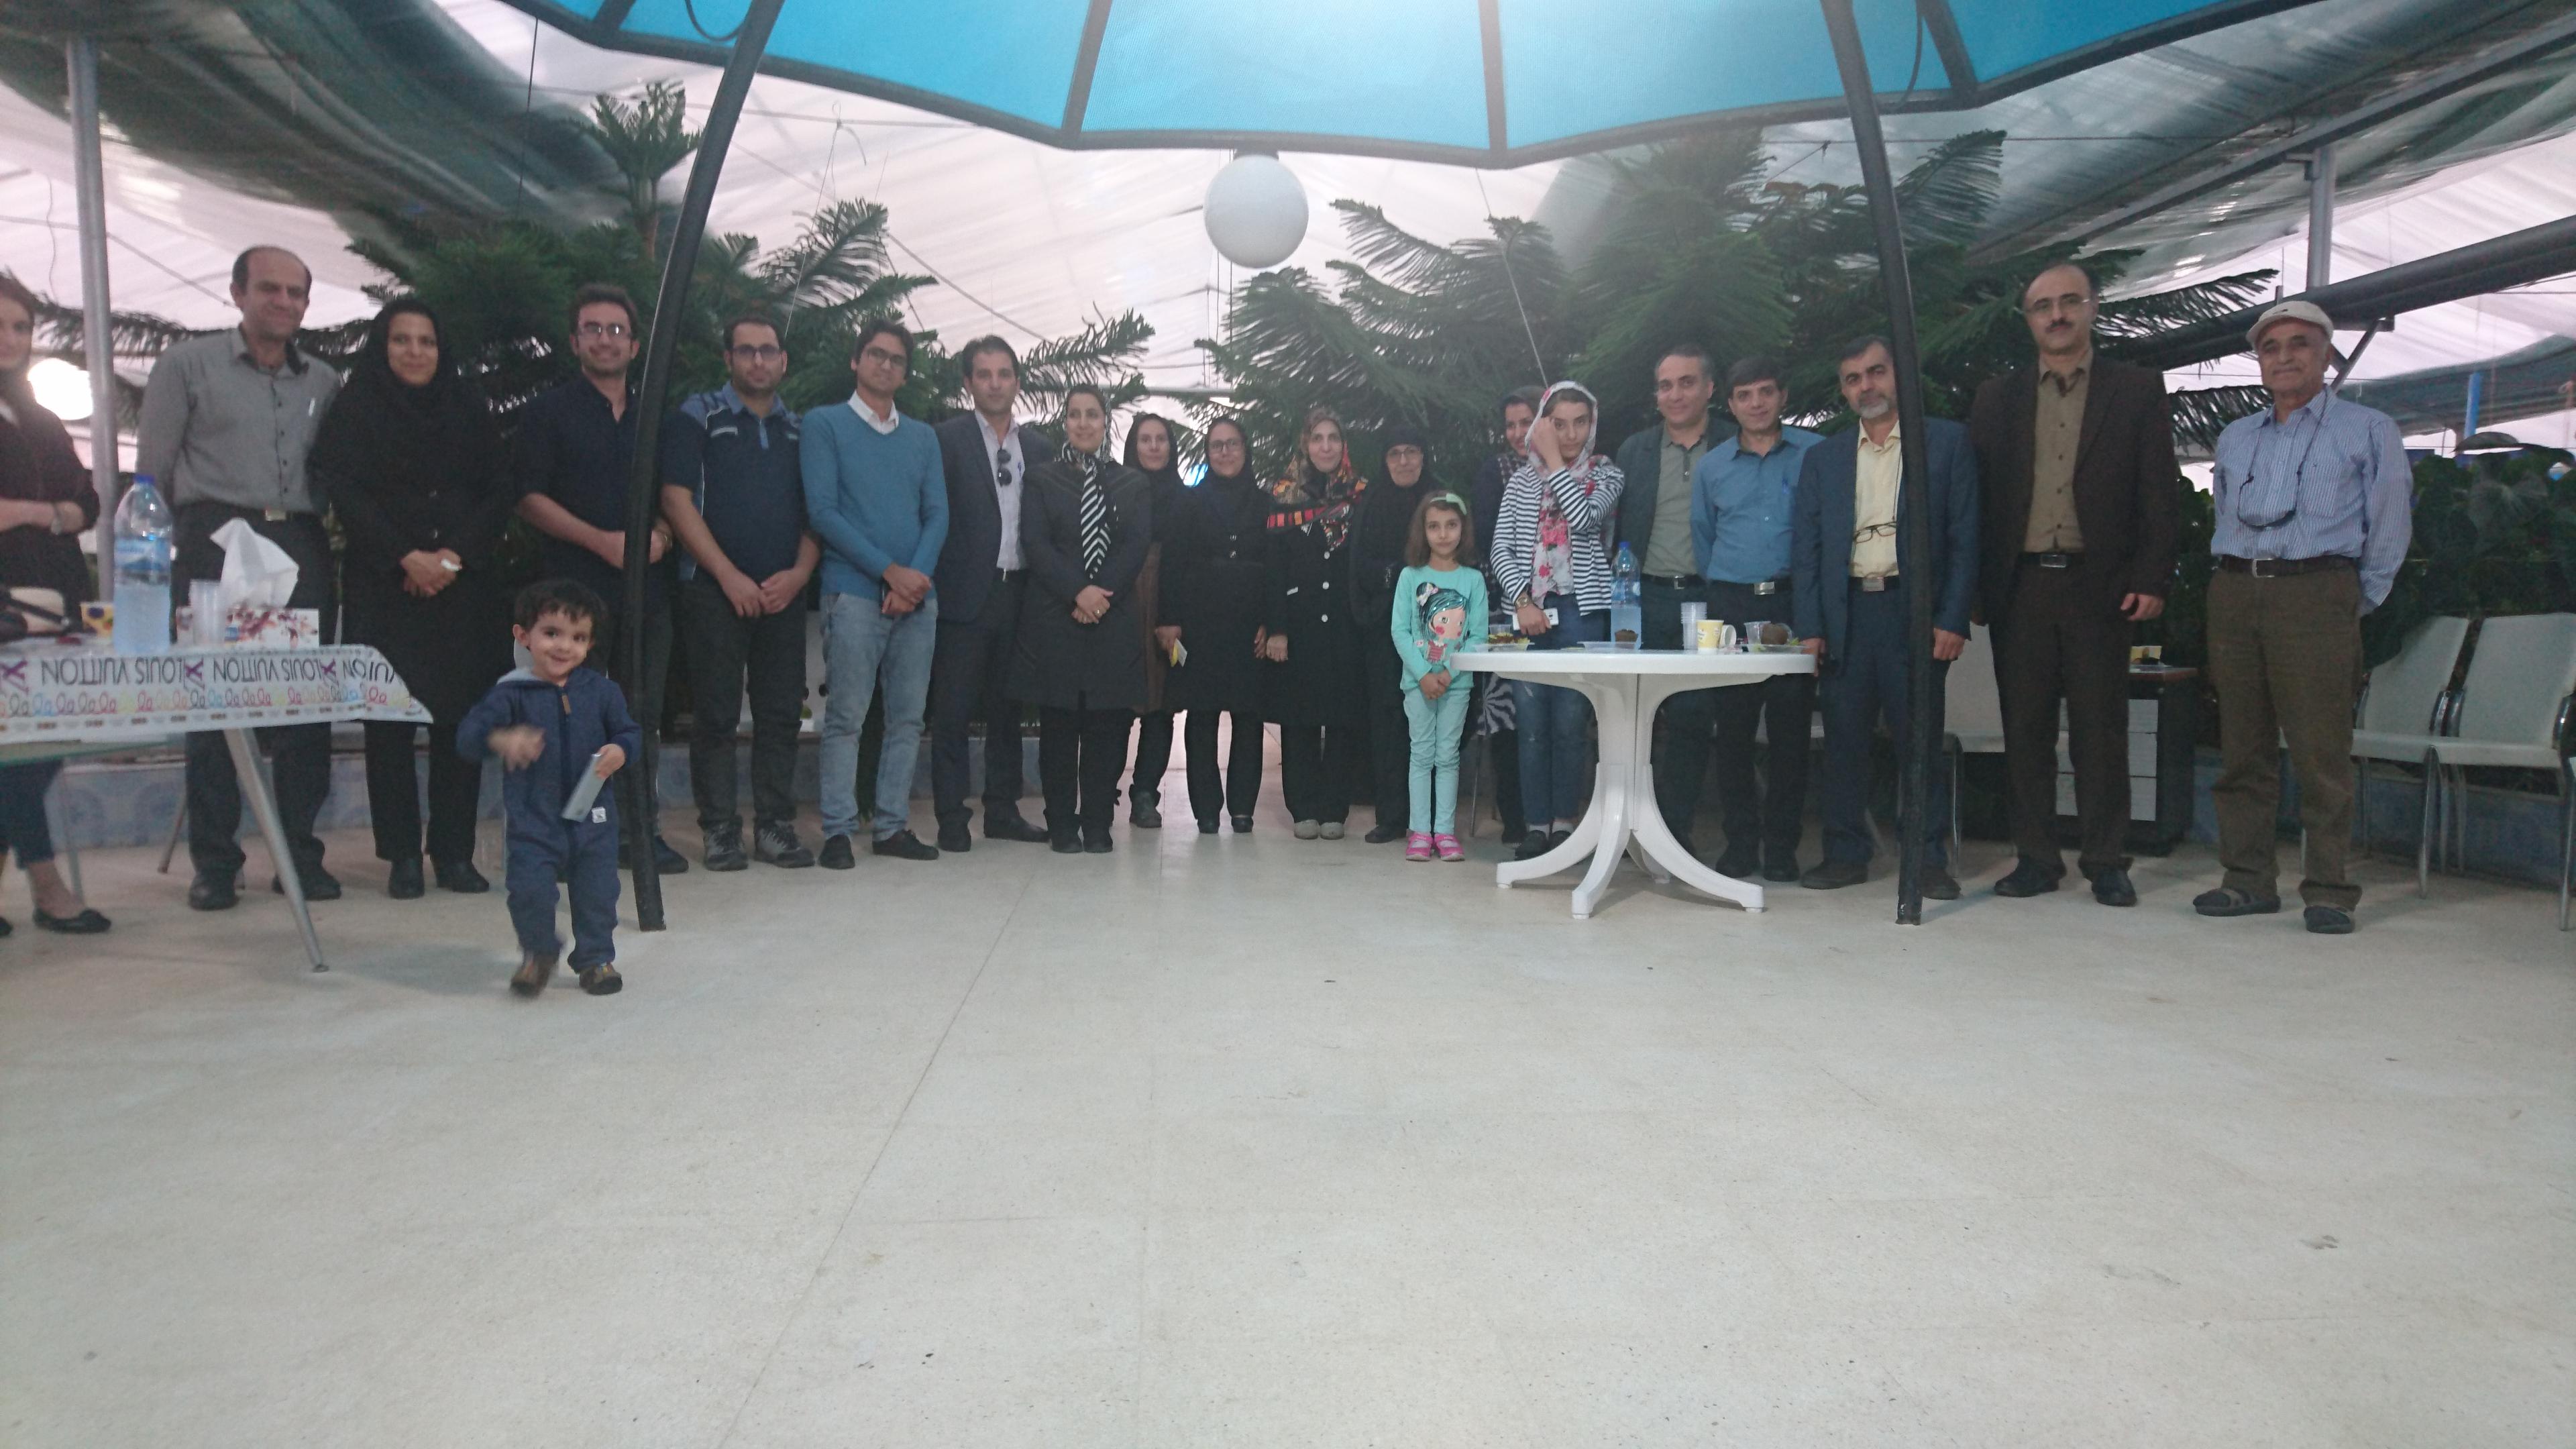 گلخانه هفت رنگ شیراز- بعد از کنفرانس ستون فقرات